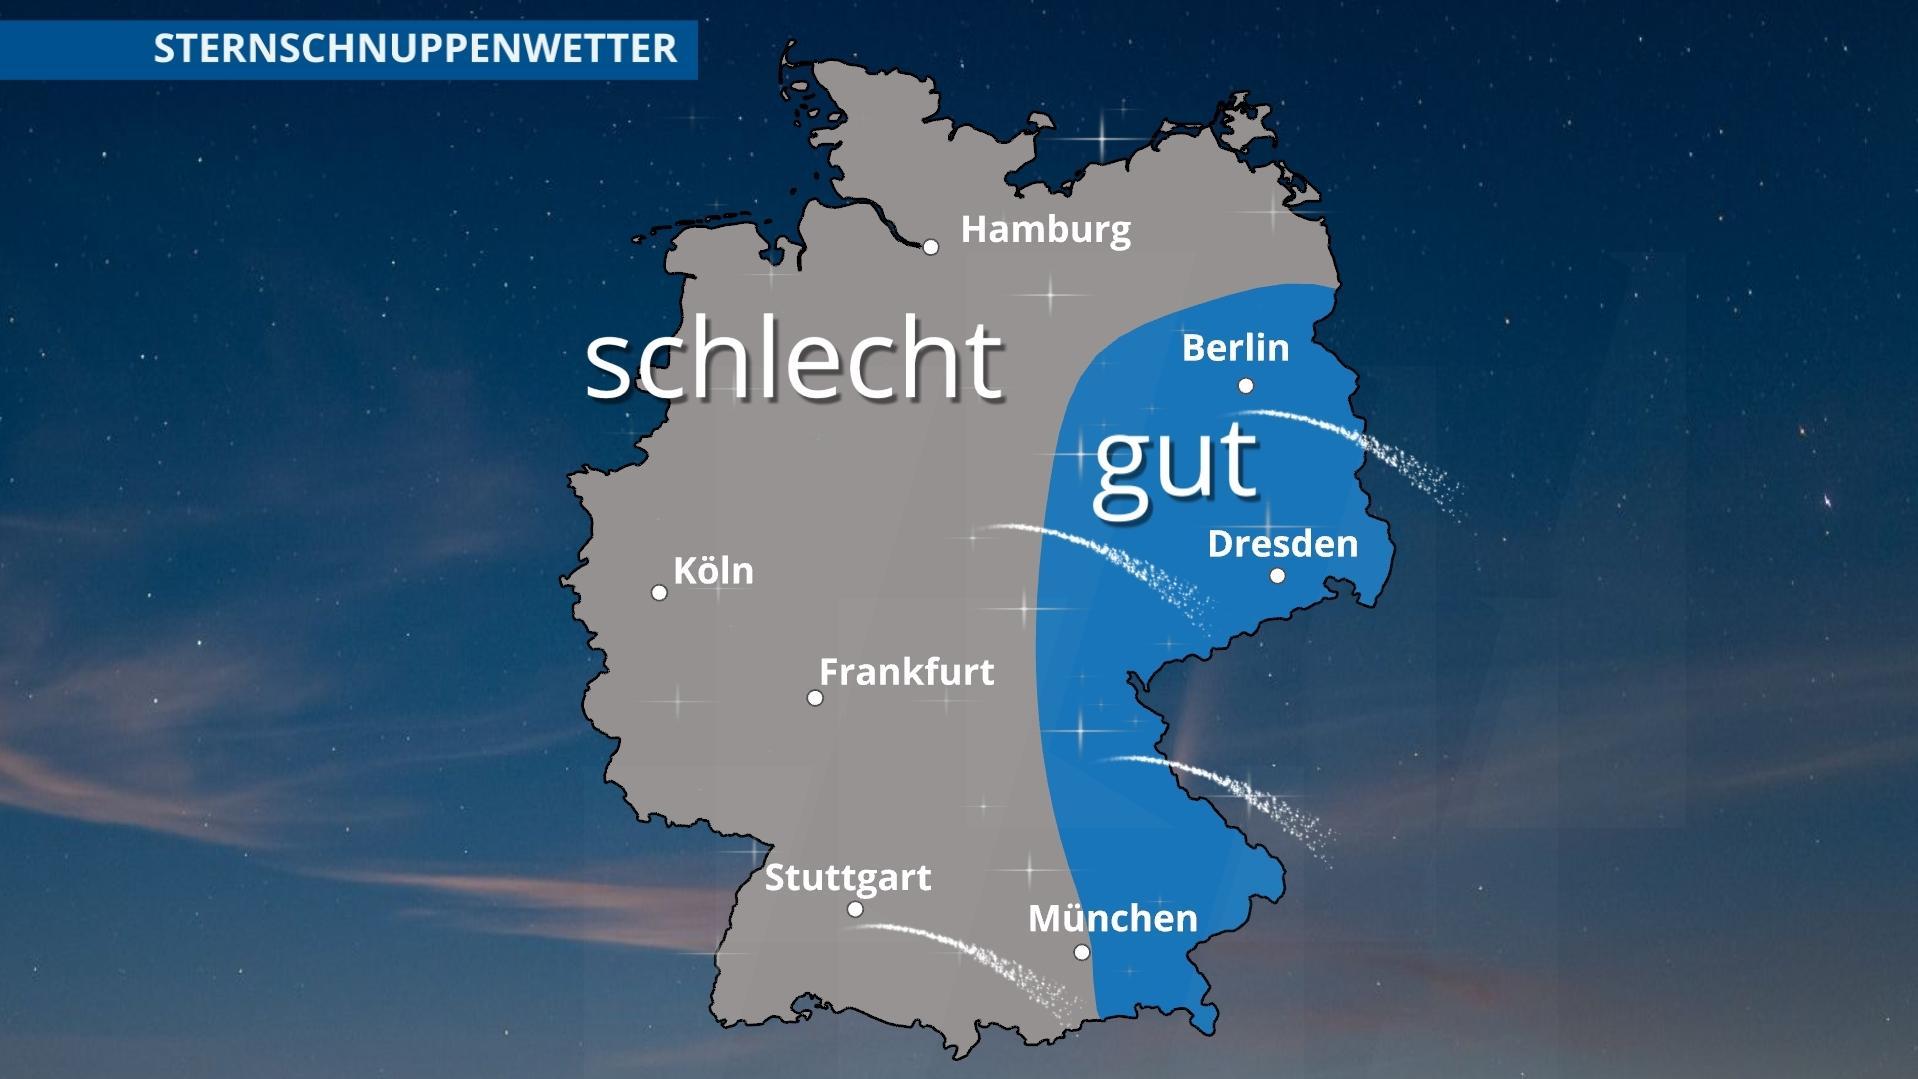 Komet über Deutschland